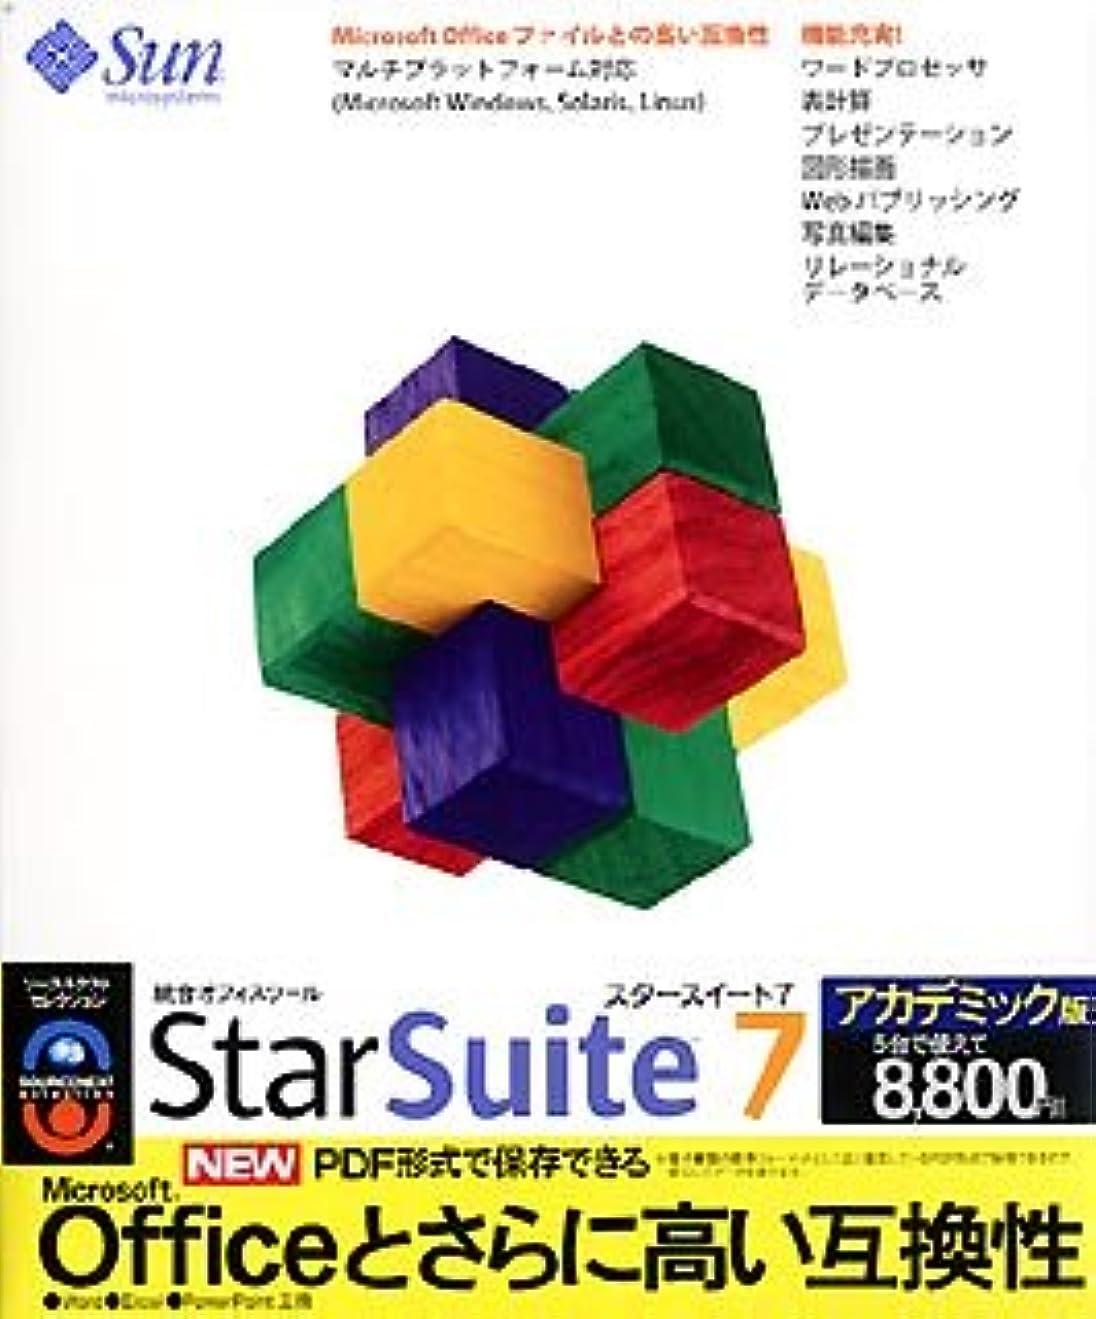 ドリル浸したコントロールSOURCENEXT selection StarSuite 7 アカデミック版